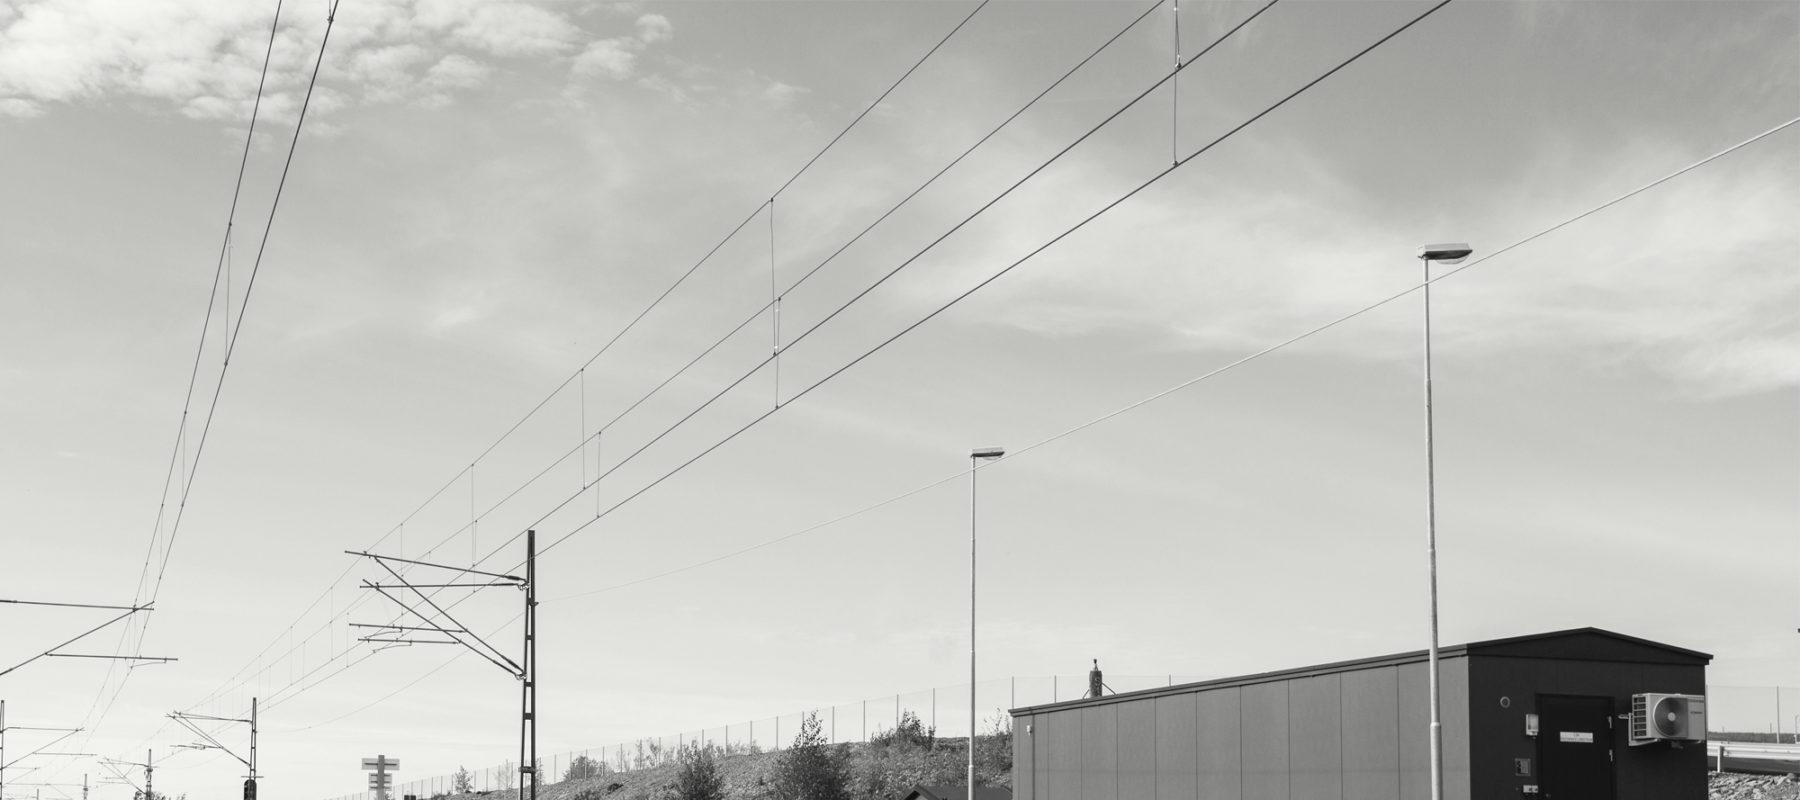 Vi utvecklar och levererar kundanpassade lösningar inom kraftöverföring och är en ledande aktör på den nordiska marknaden.